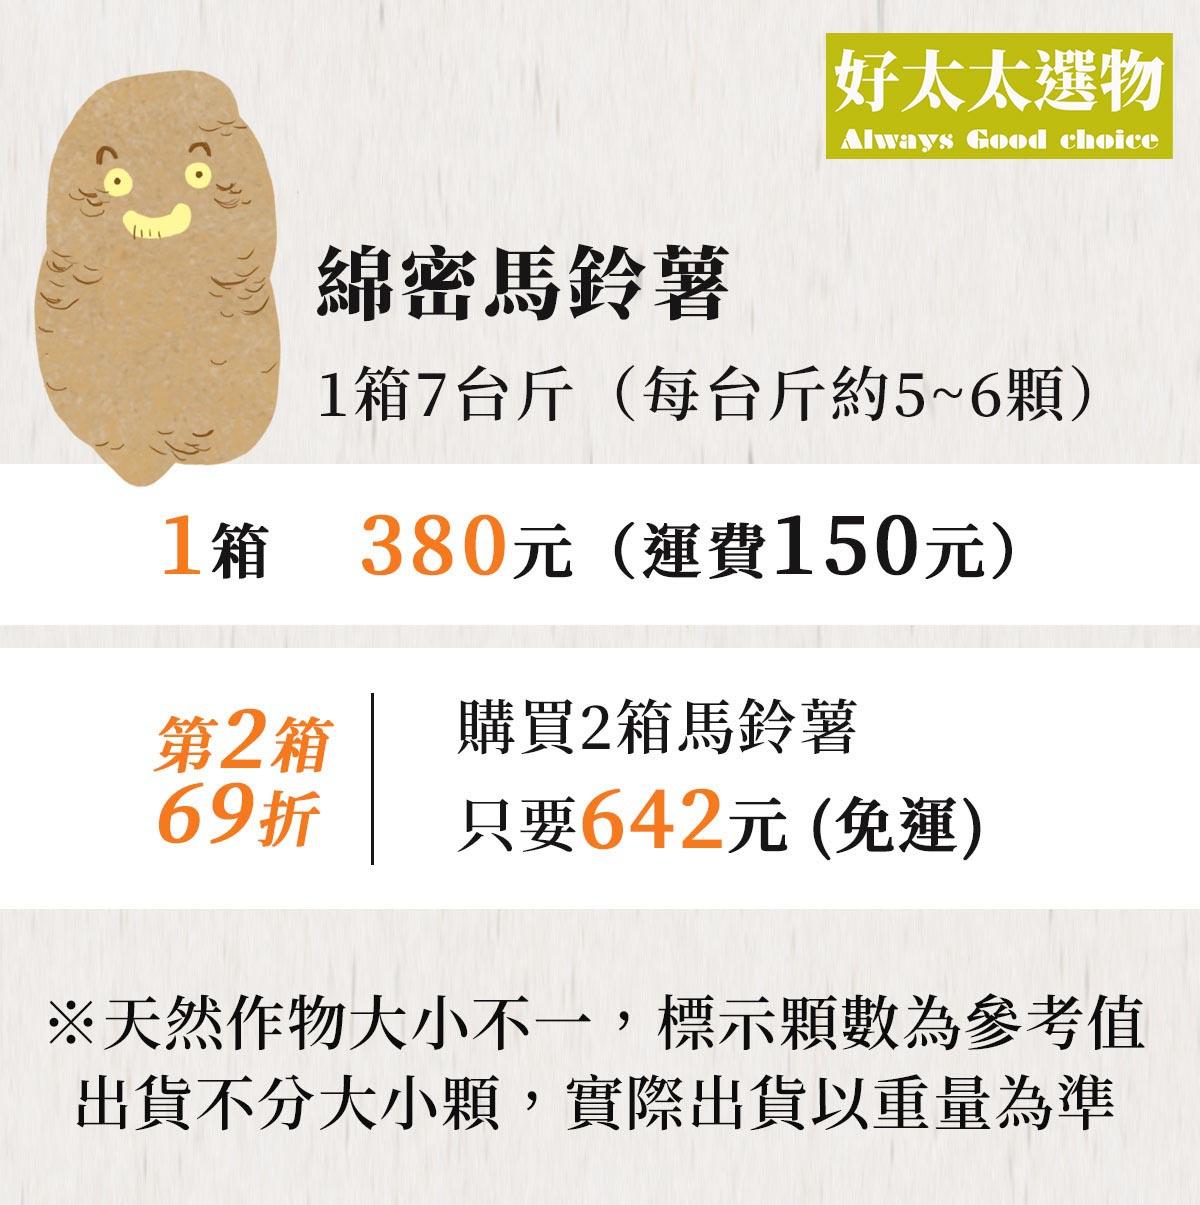 馬鈴薯價格方案